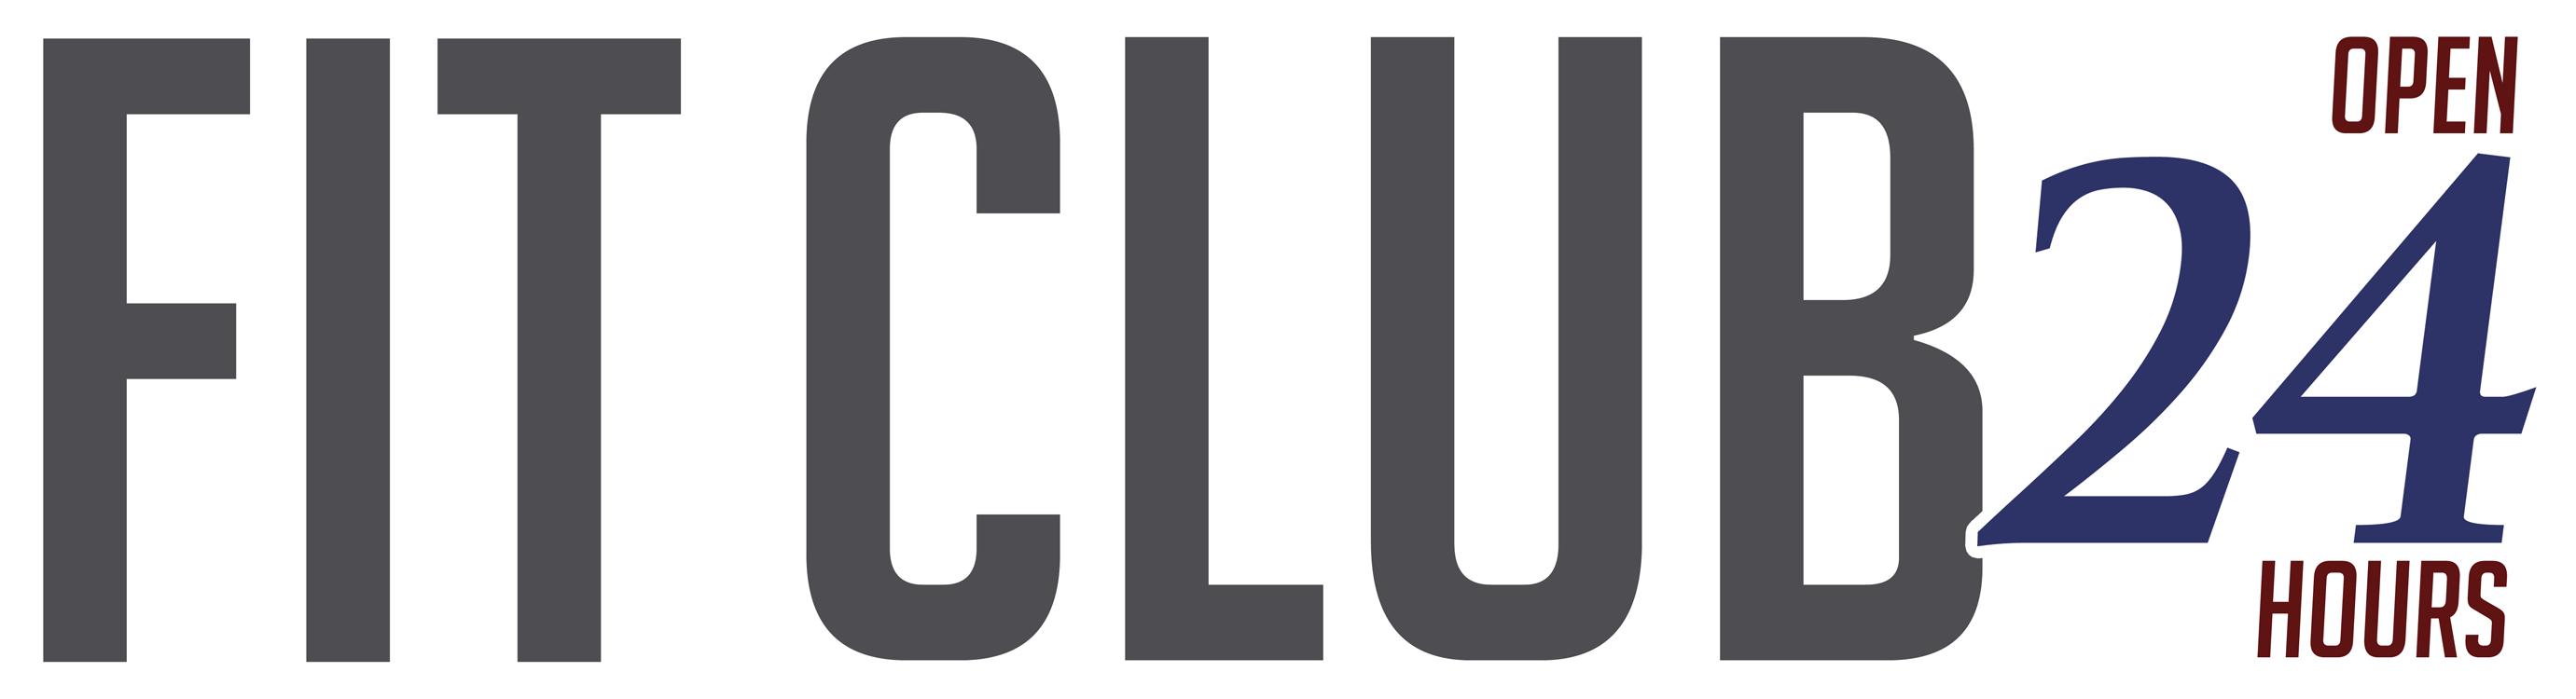 1 Line Logo